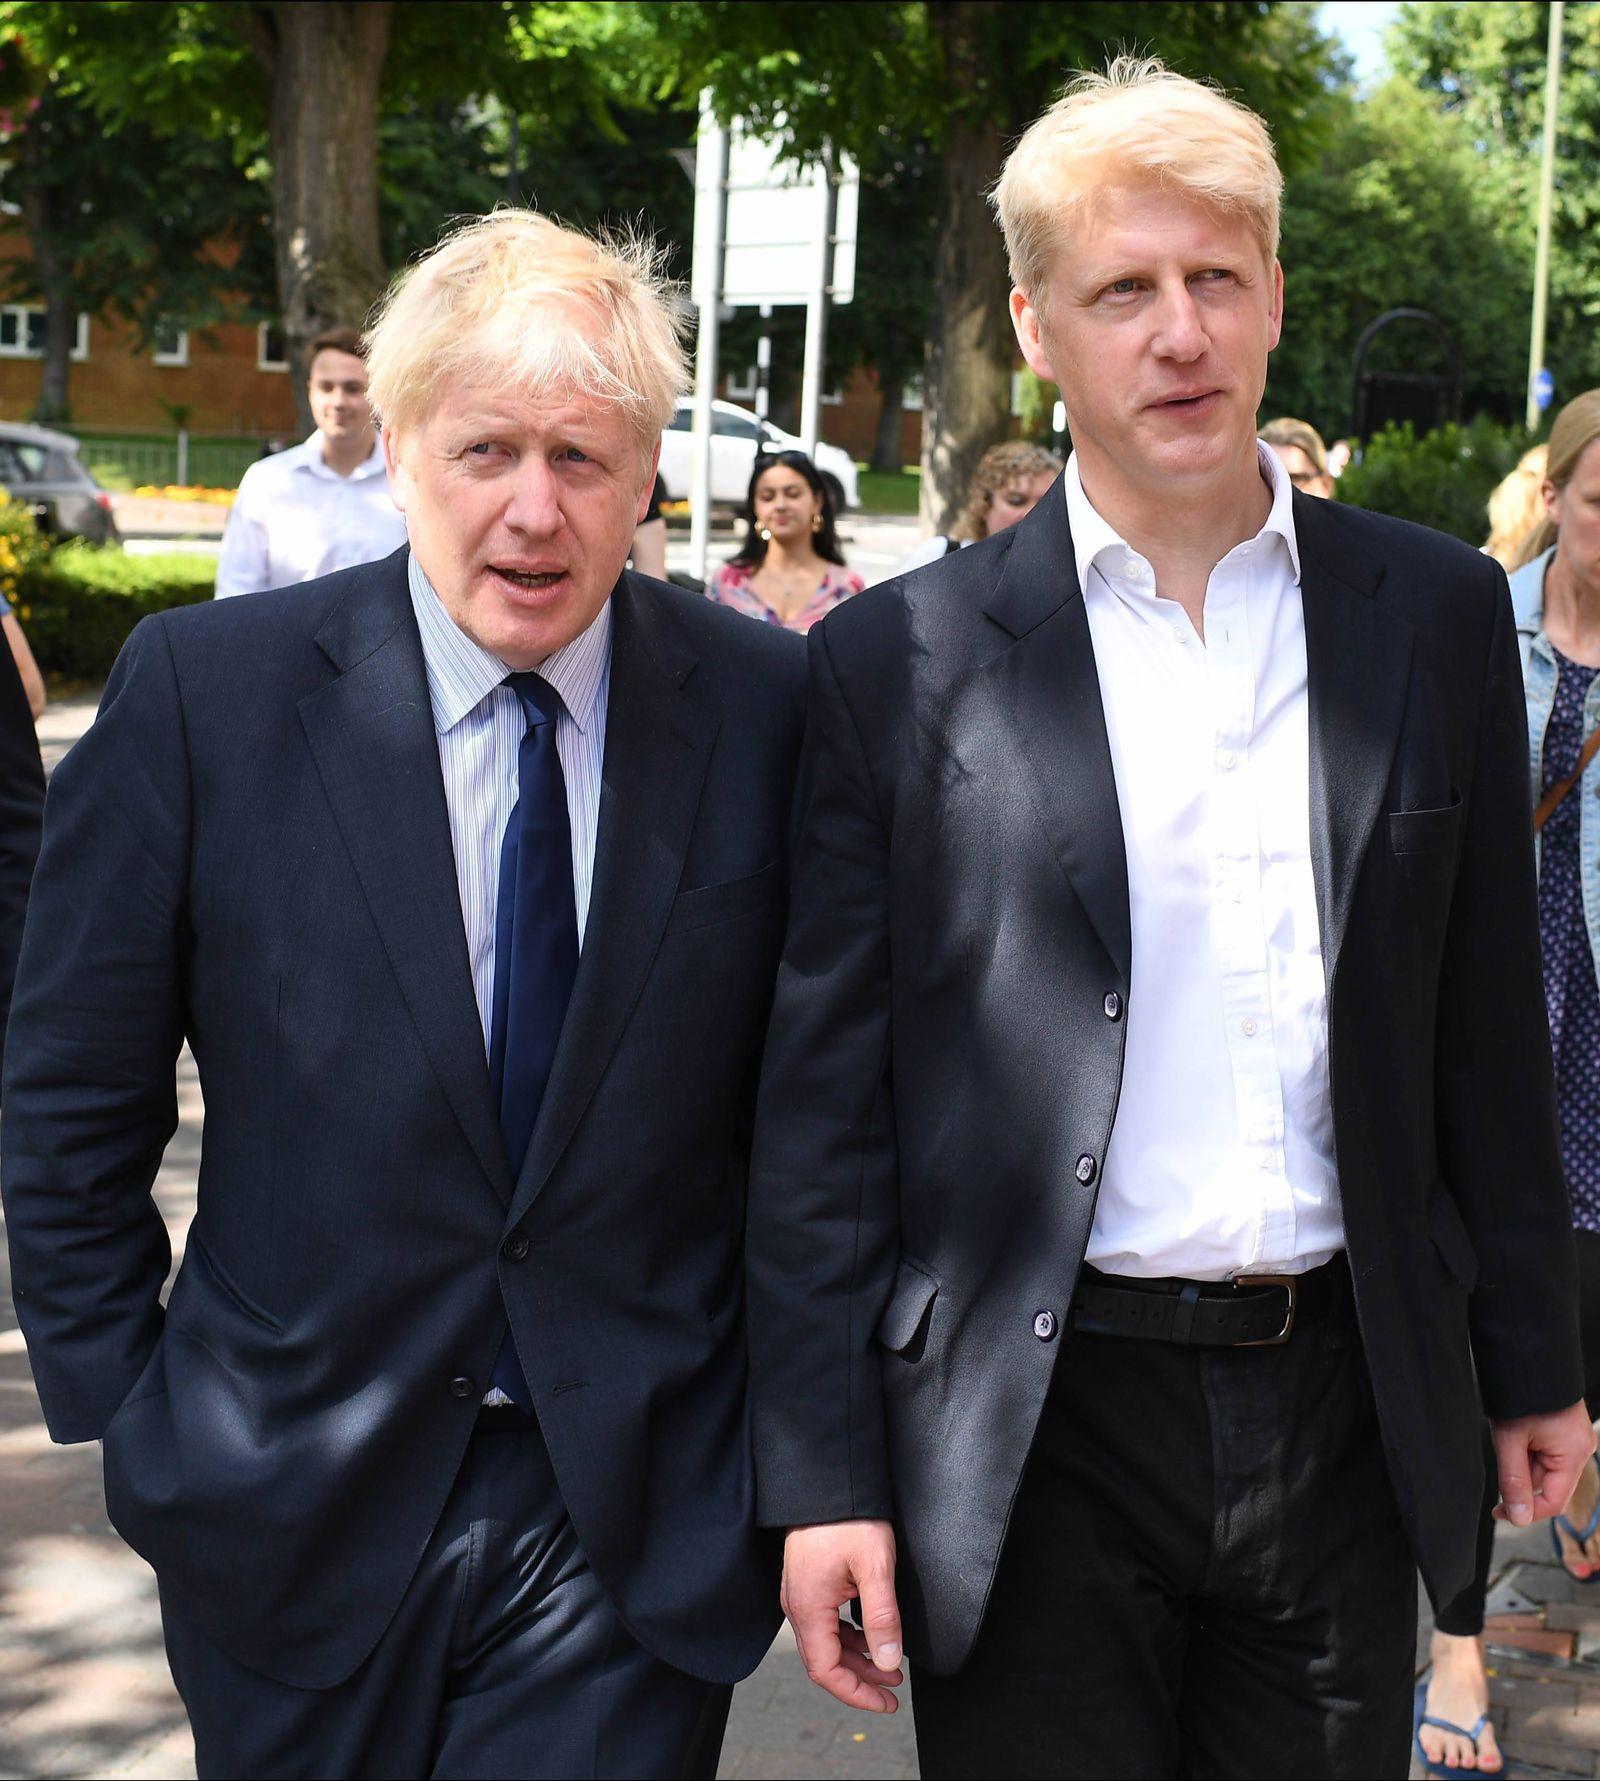 . 01/07/2019. London, United Kingdom. Boris Johnson Campaign.Former Foreign Secretary Boris Johnson Campaigning in Orpin